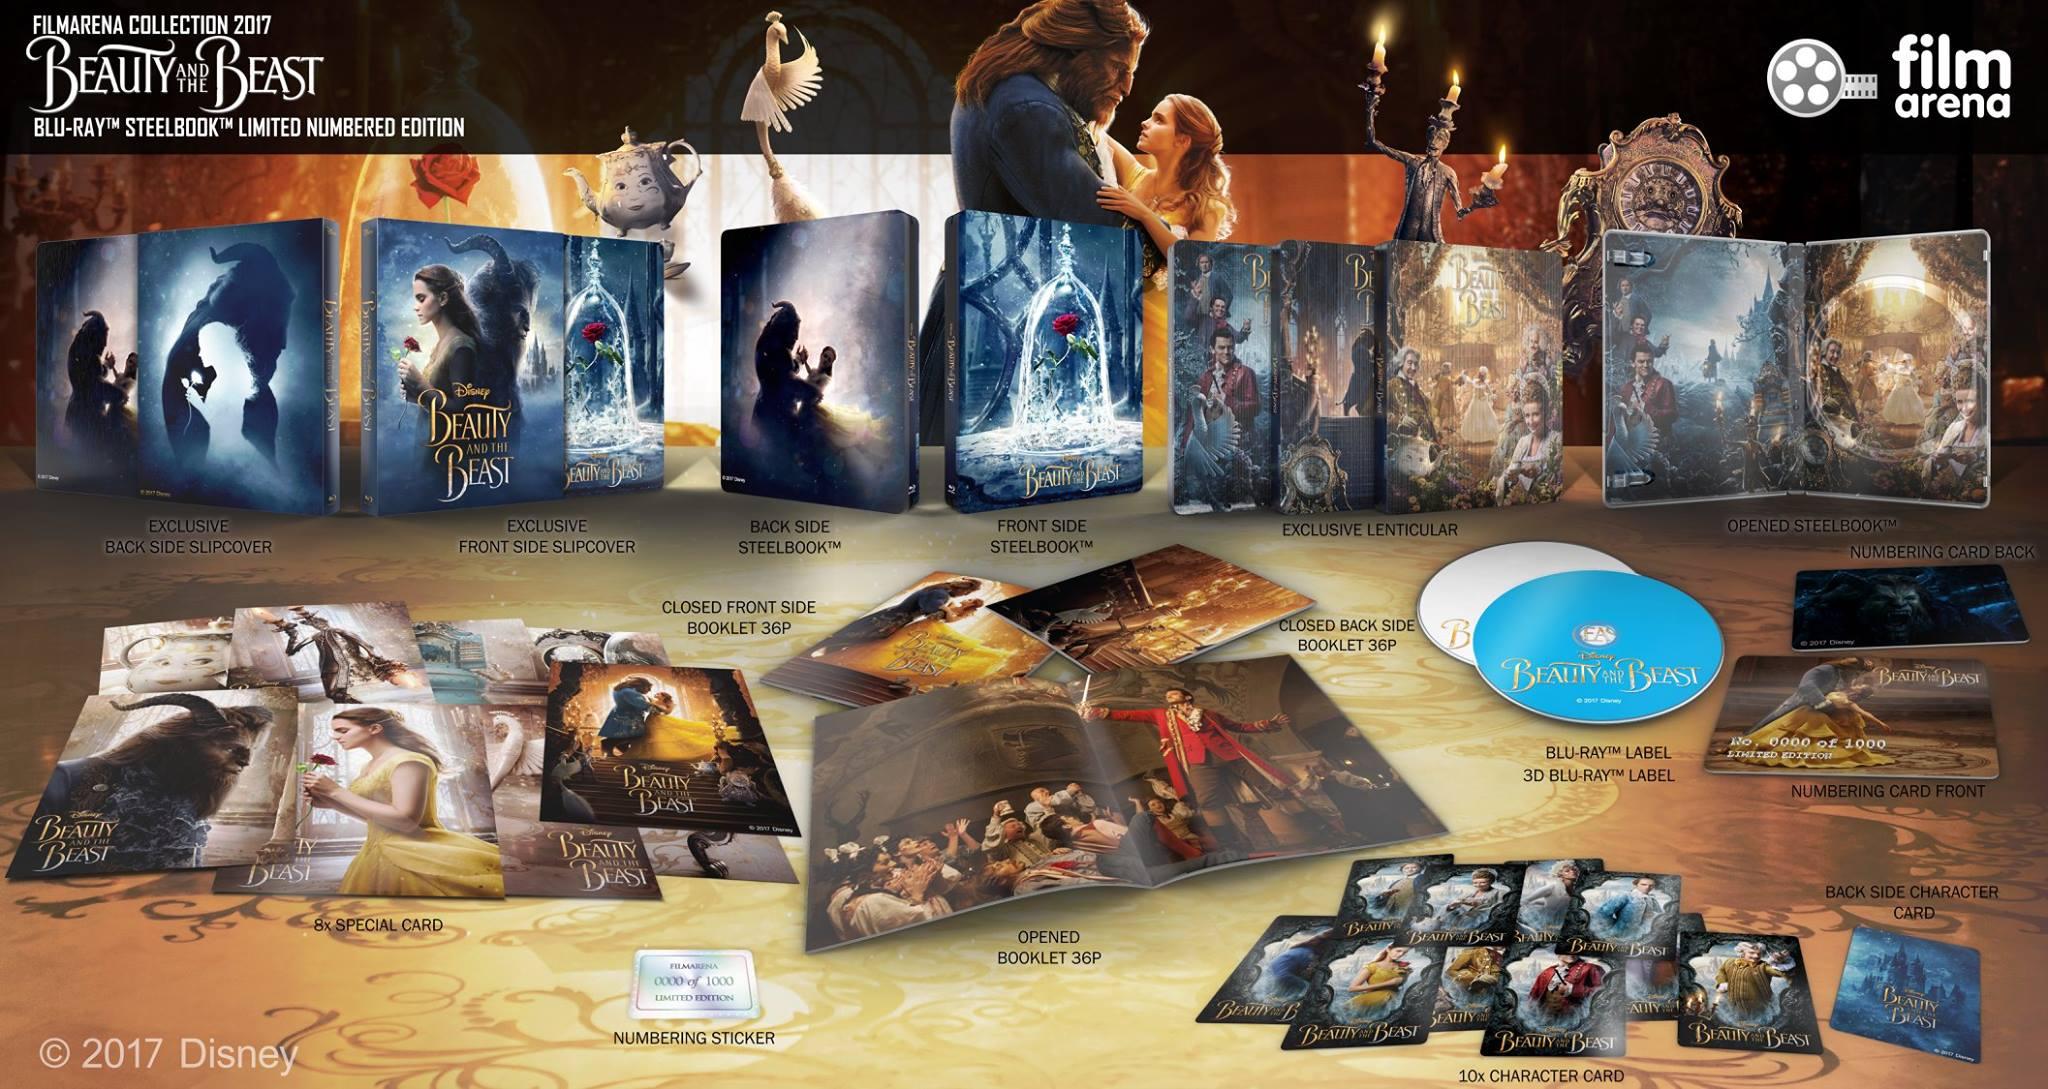 Beauty and the Beast steelbook filmarena